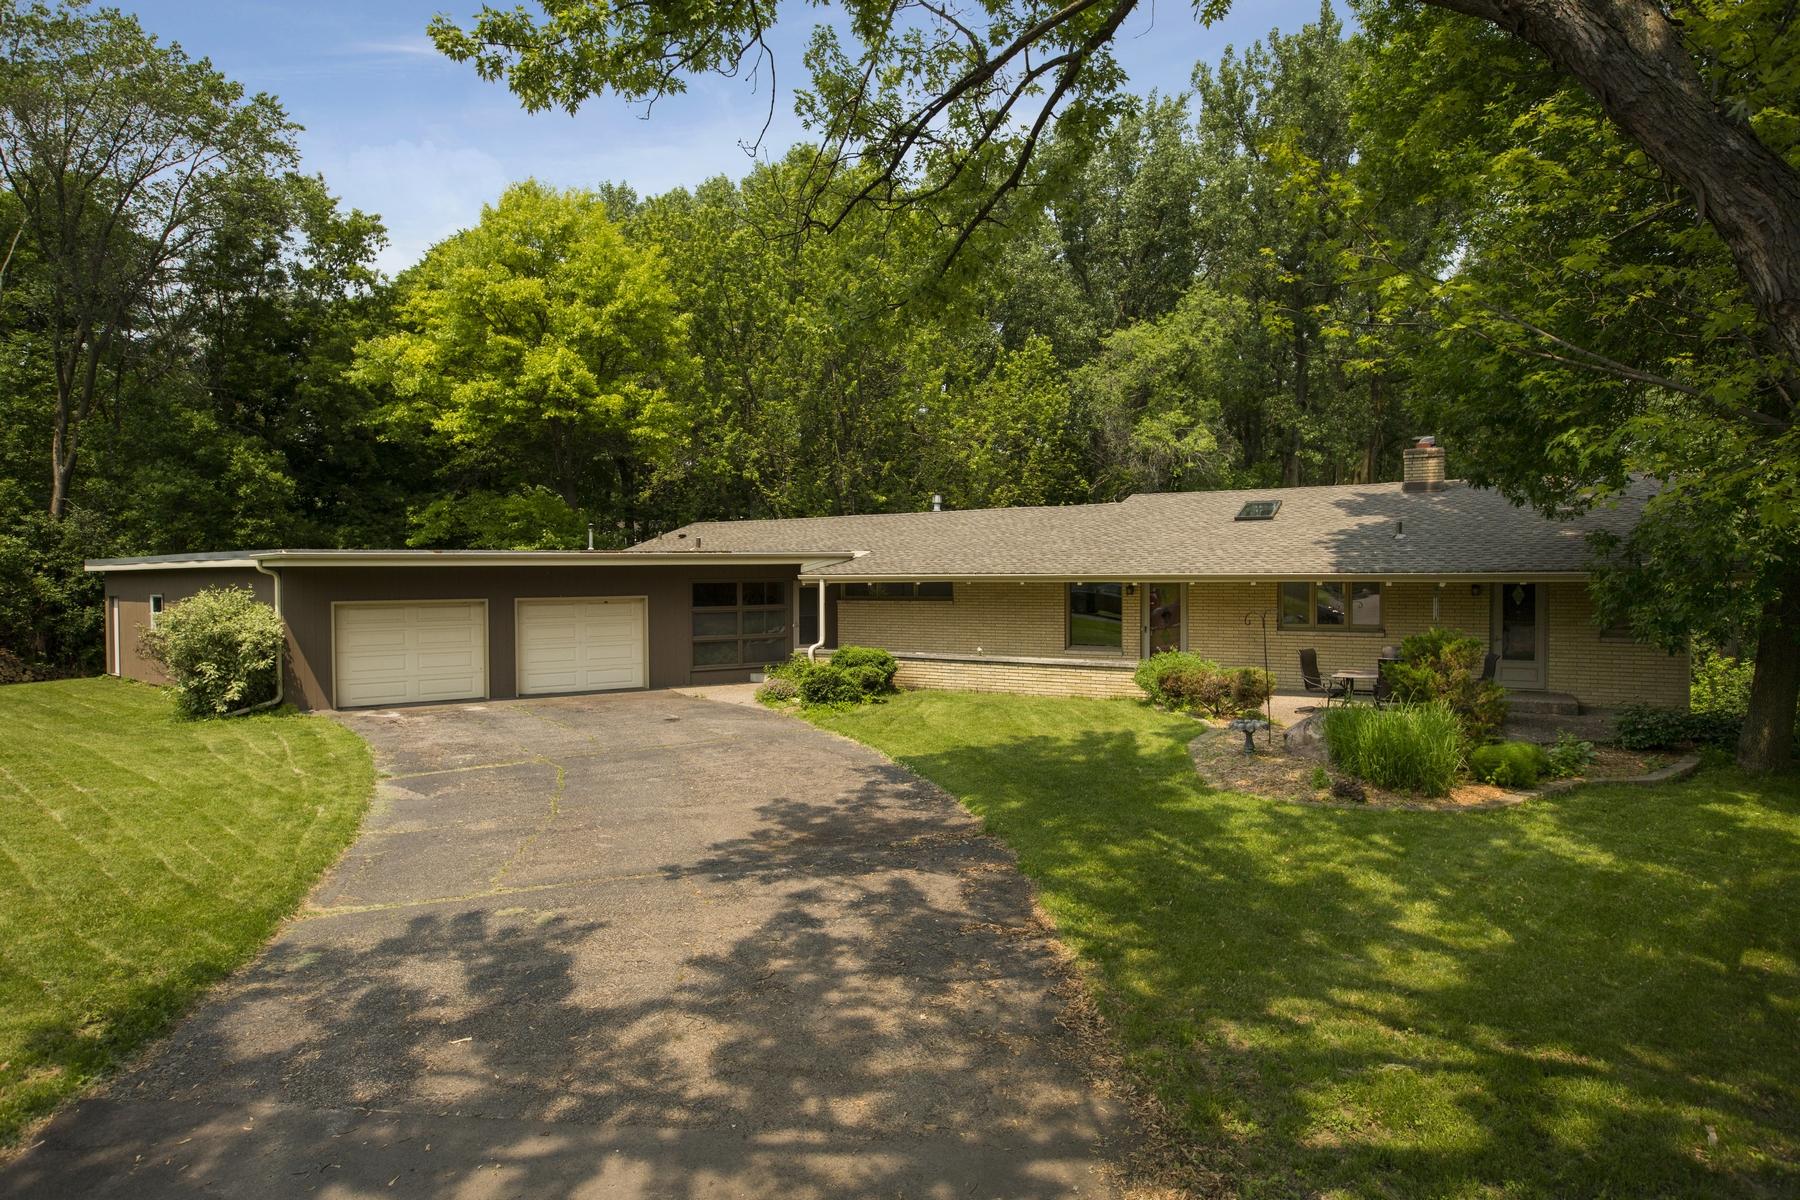 Maison unifamiliale pour l Vente à 4900 Prescott Circle Edina, Minnesota 55436 États-Unis